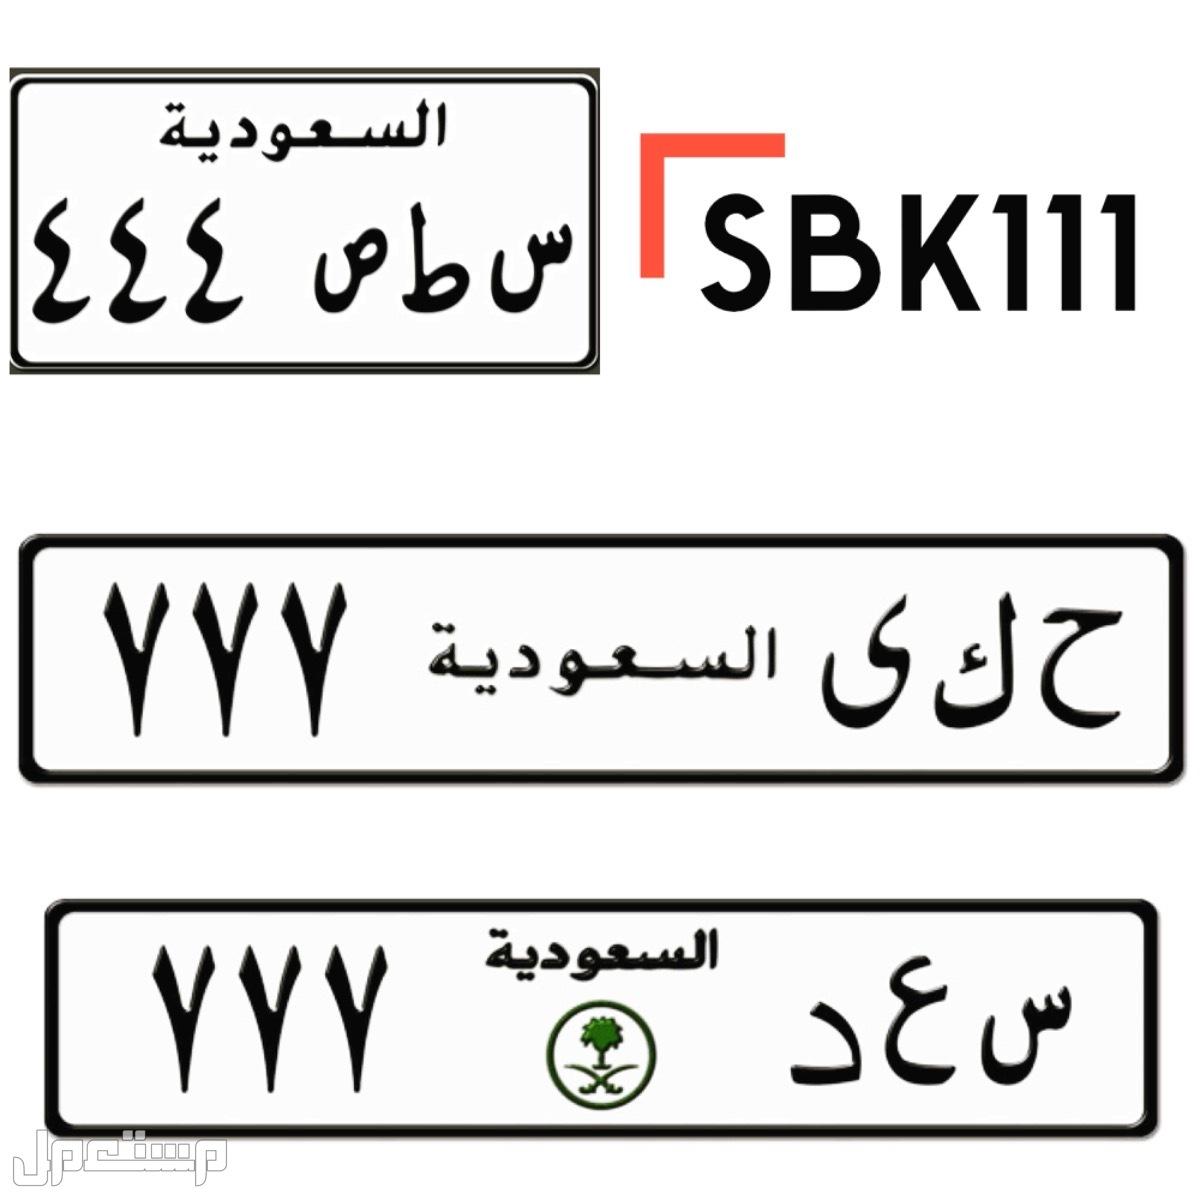 """سبك لوحات الشكل القديم والجديد """" SBK111 """""""